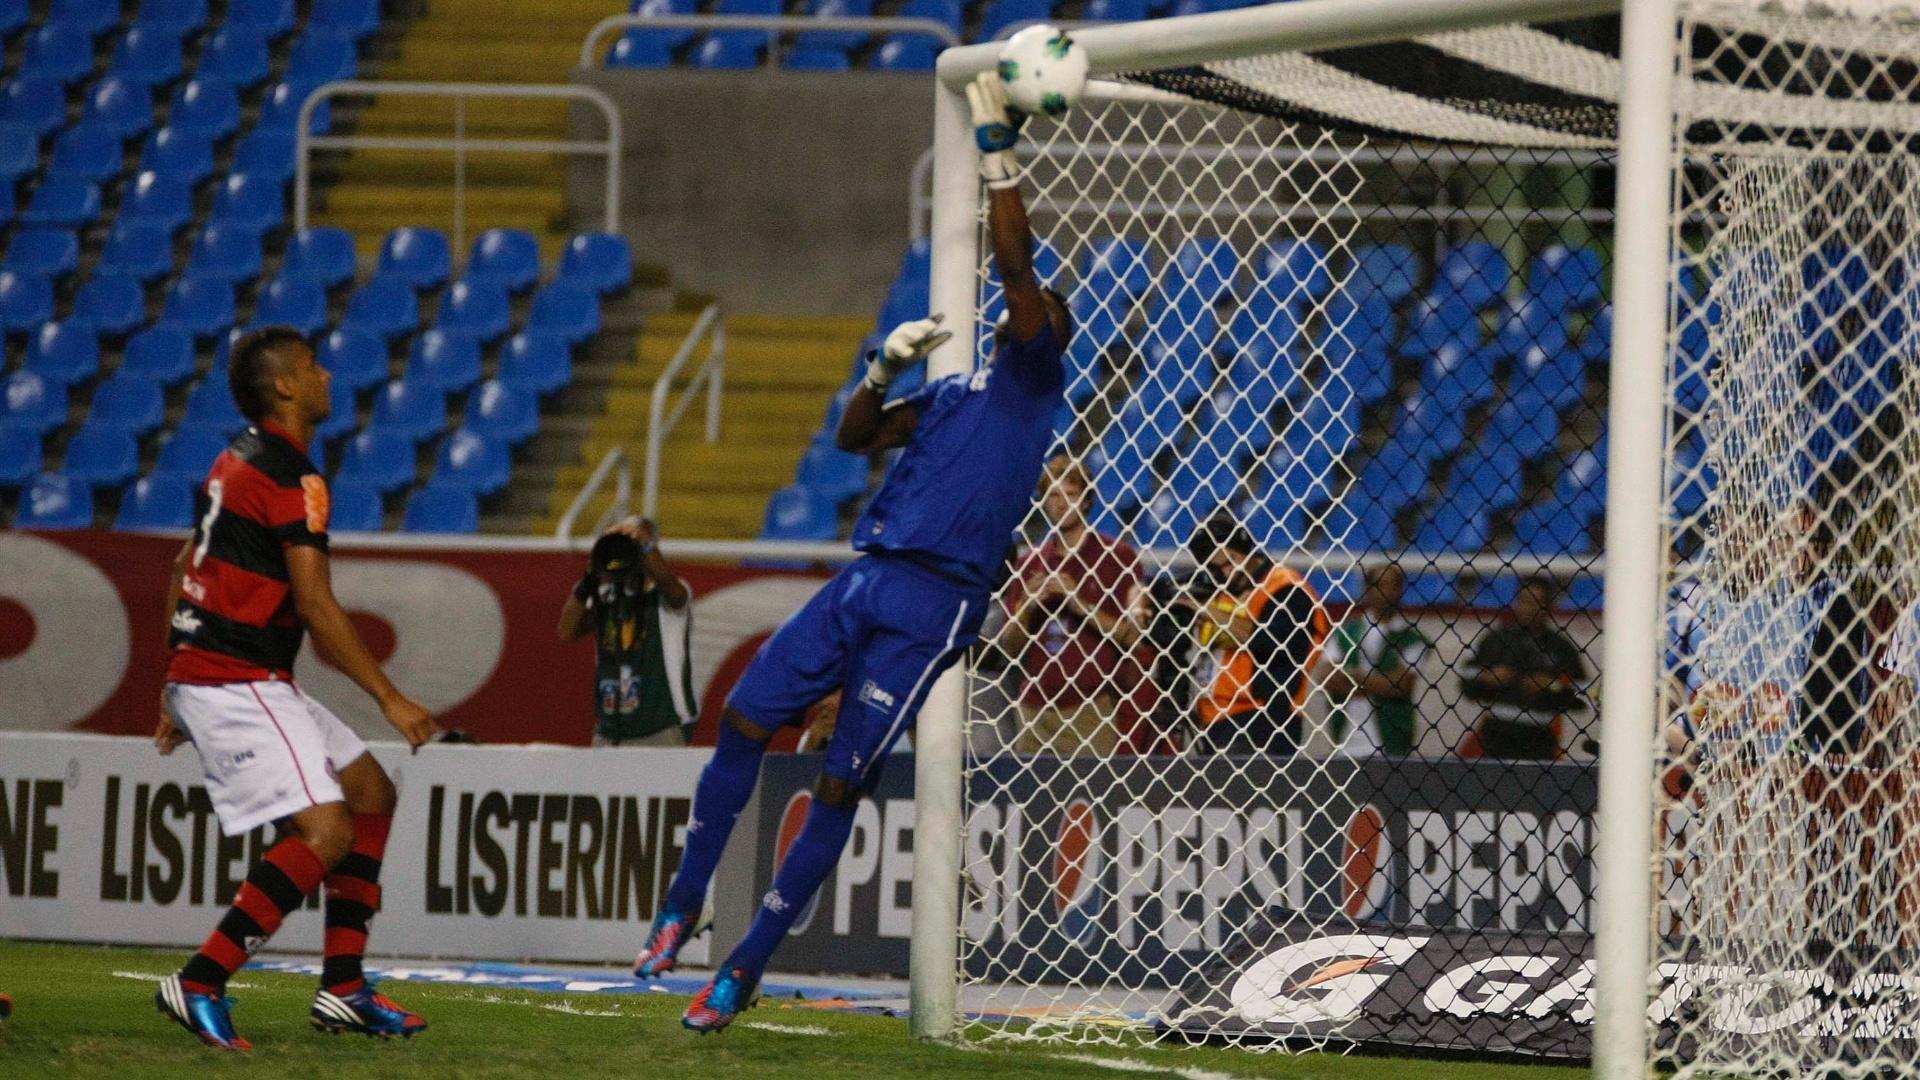 Felipe, goleiro do Flamengo, se estica para fazer defesa após finalização vascaína